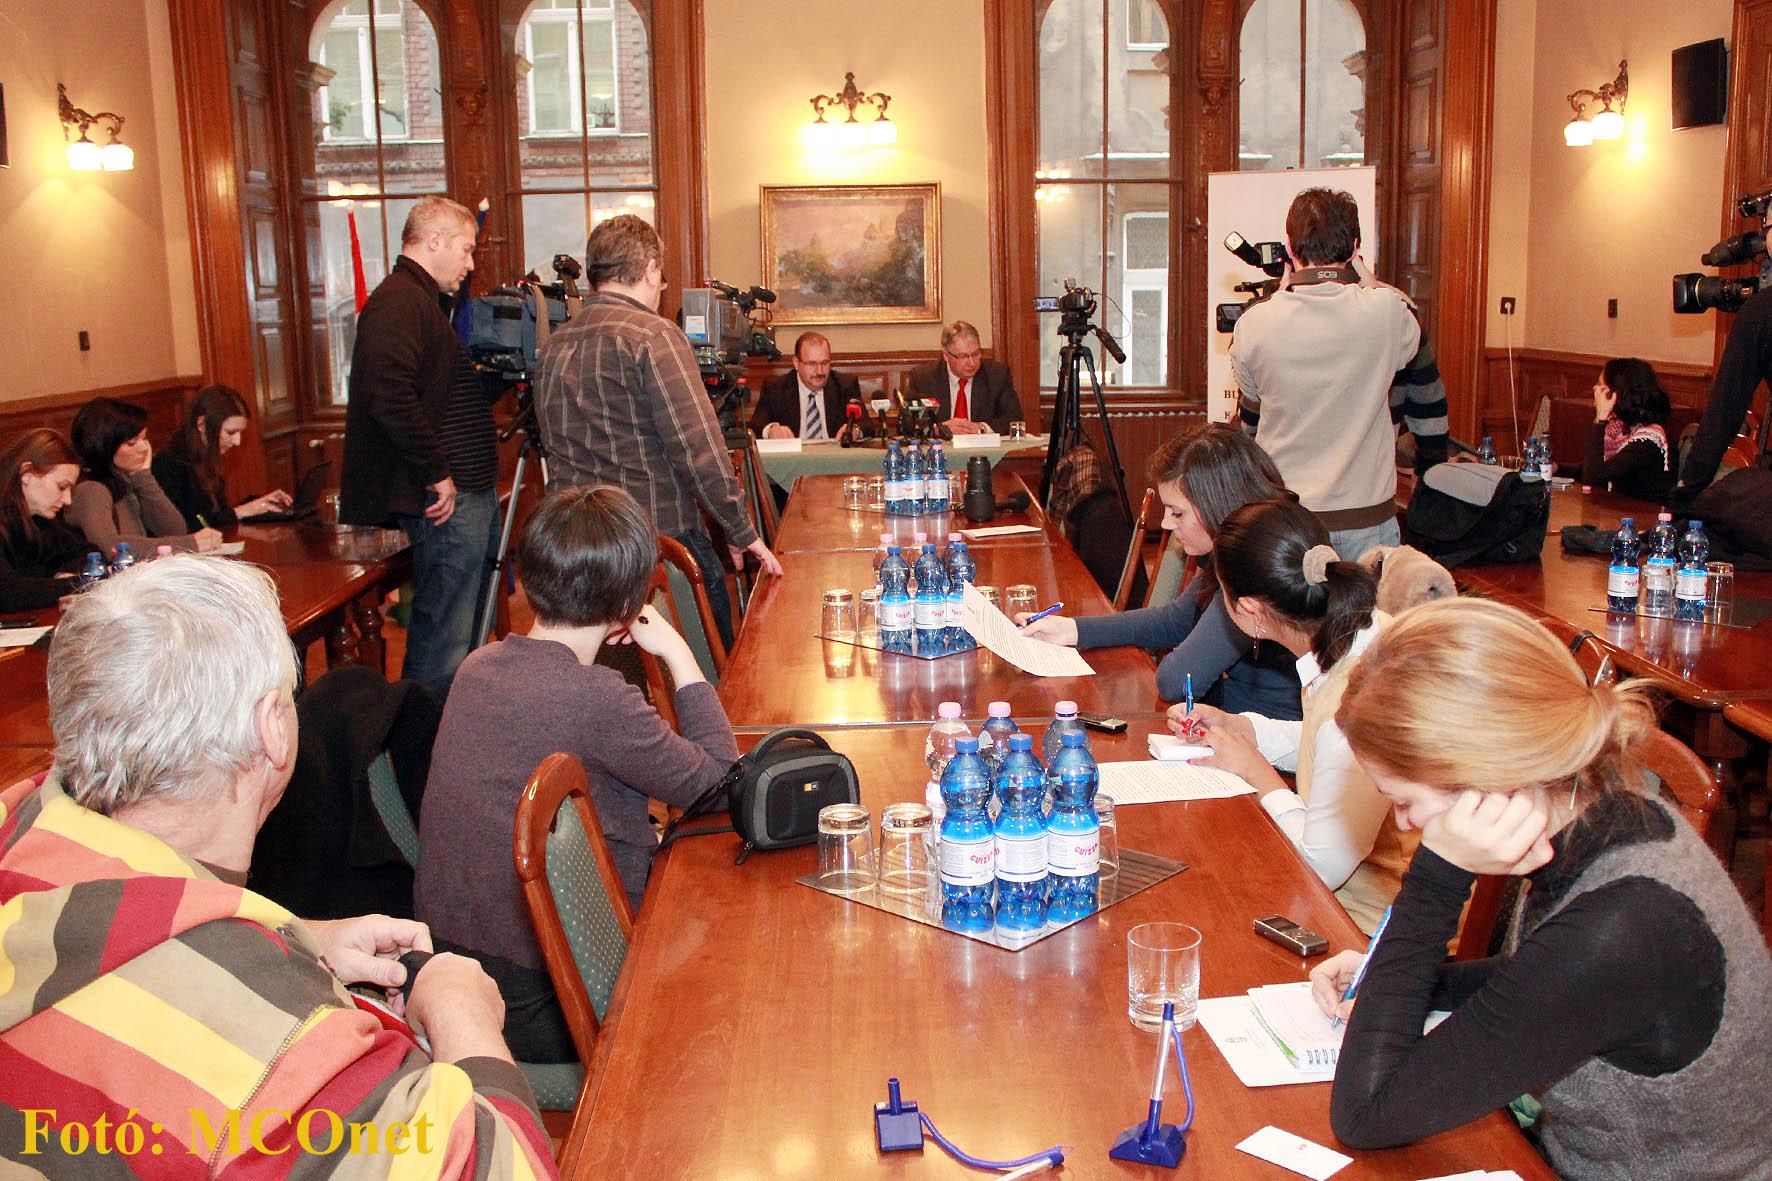 l Pesti Imre fővárosi kormánymegbízott tartott sajtótájékoztatót a program egyik vezetőjével, Prohászka Béla olimpiai bajnok mesterszakáccsal